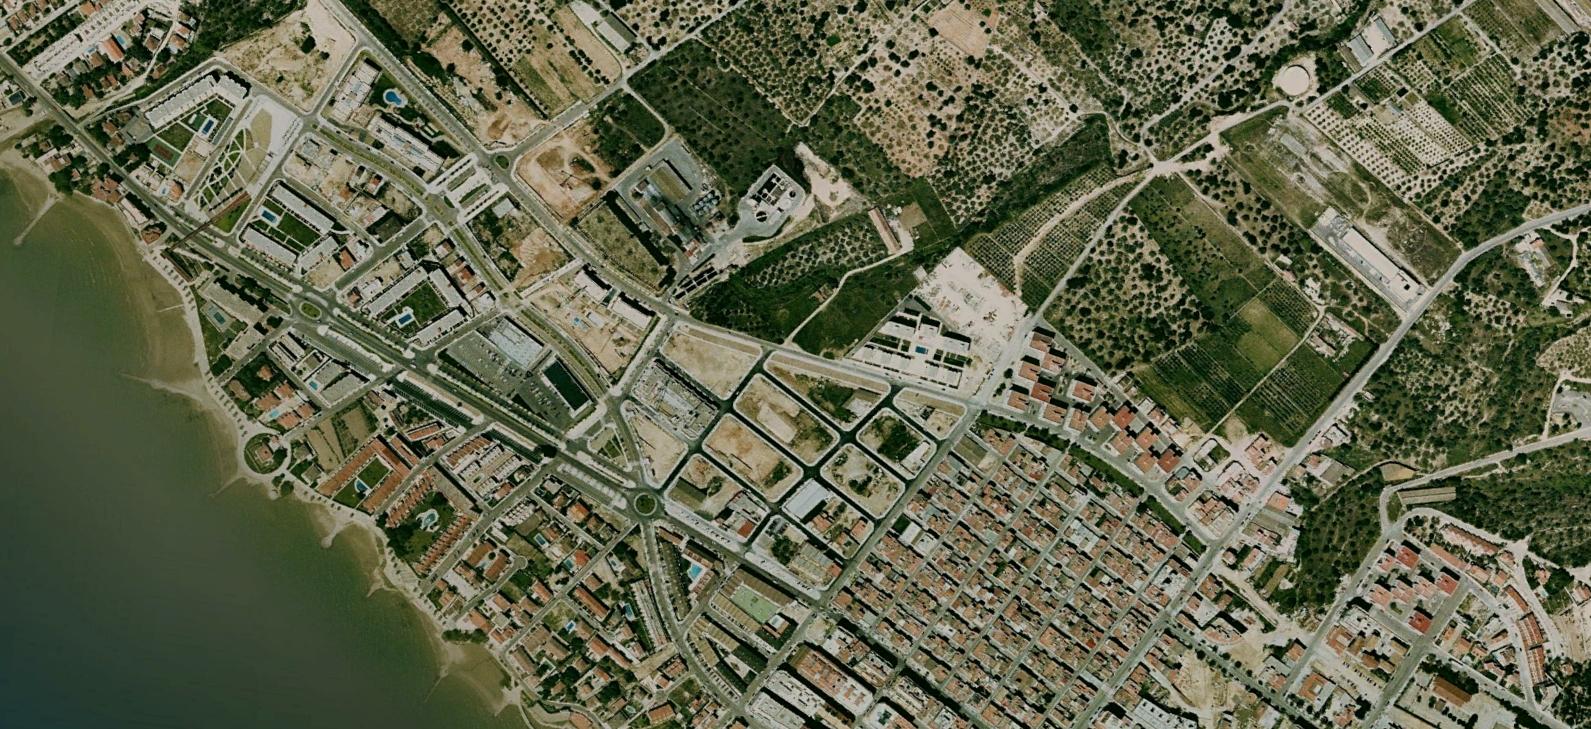 sant carles de la ràpita, tarragona, sant carles pujol, antes, urbanismo, planeamiento, urbano, desastre, urbanístico, construcción